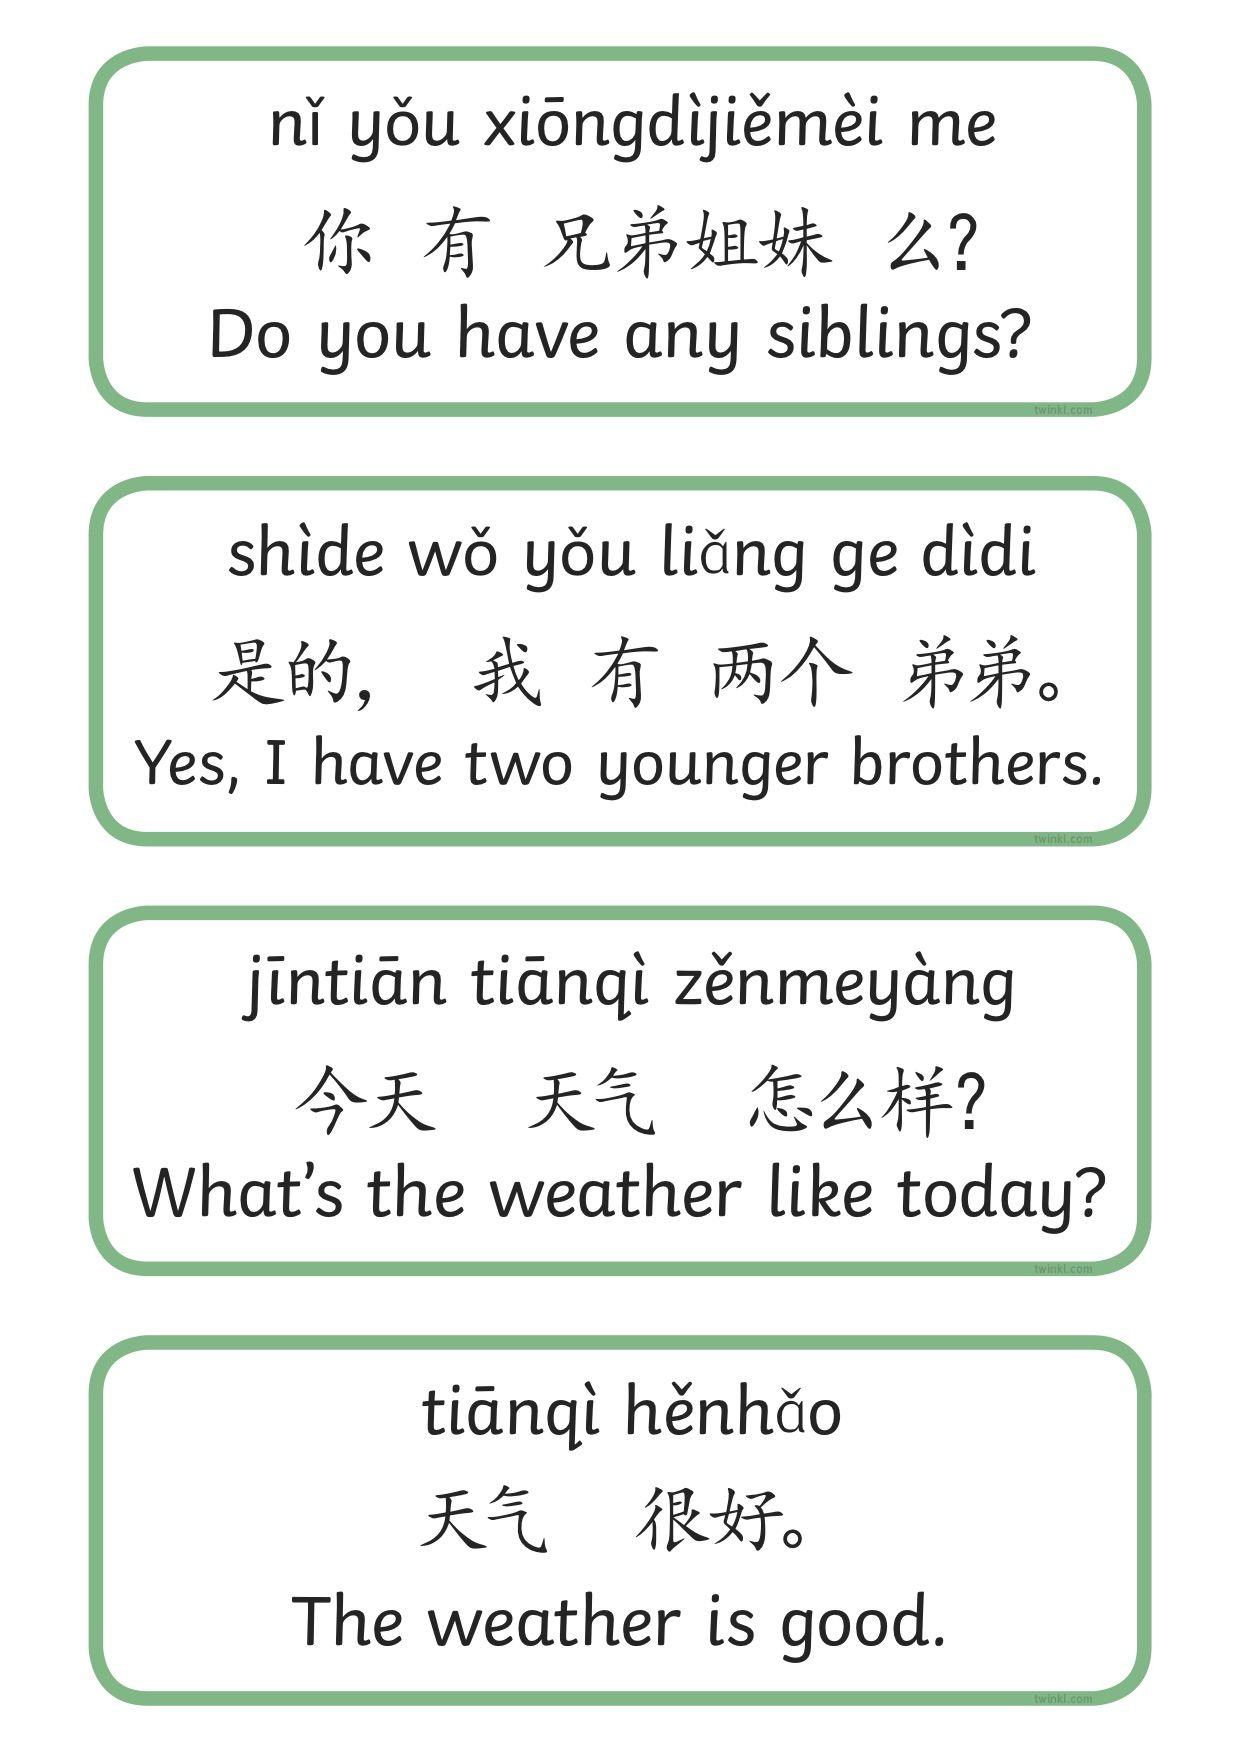 HSK Level 1 Basic Phrases & Sentence Cards